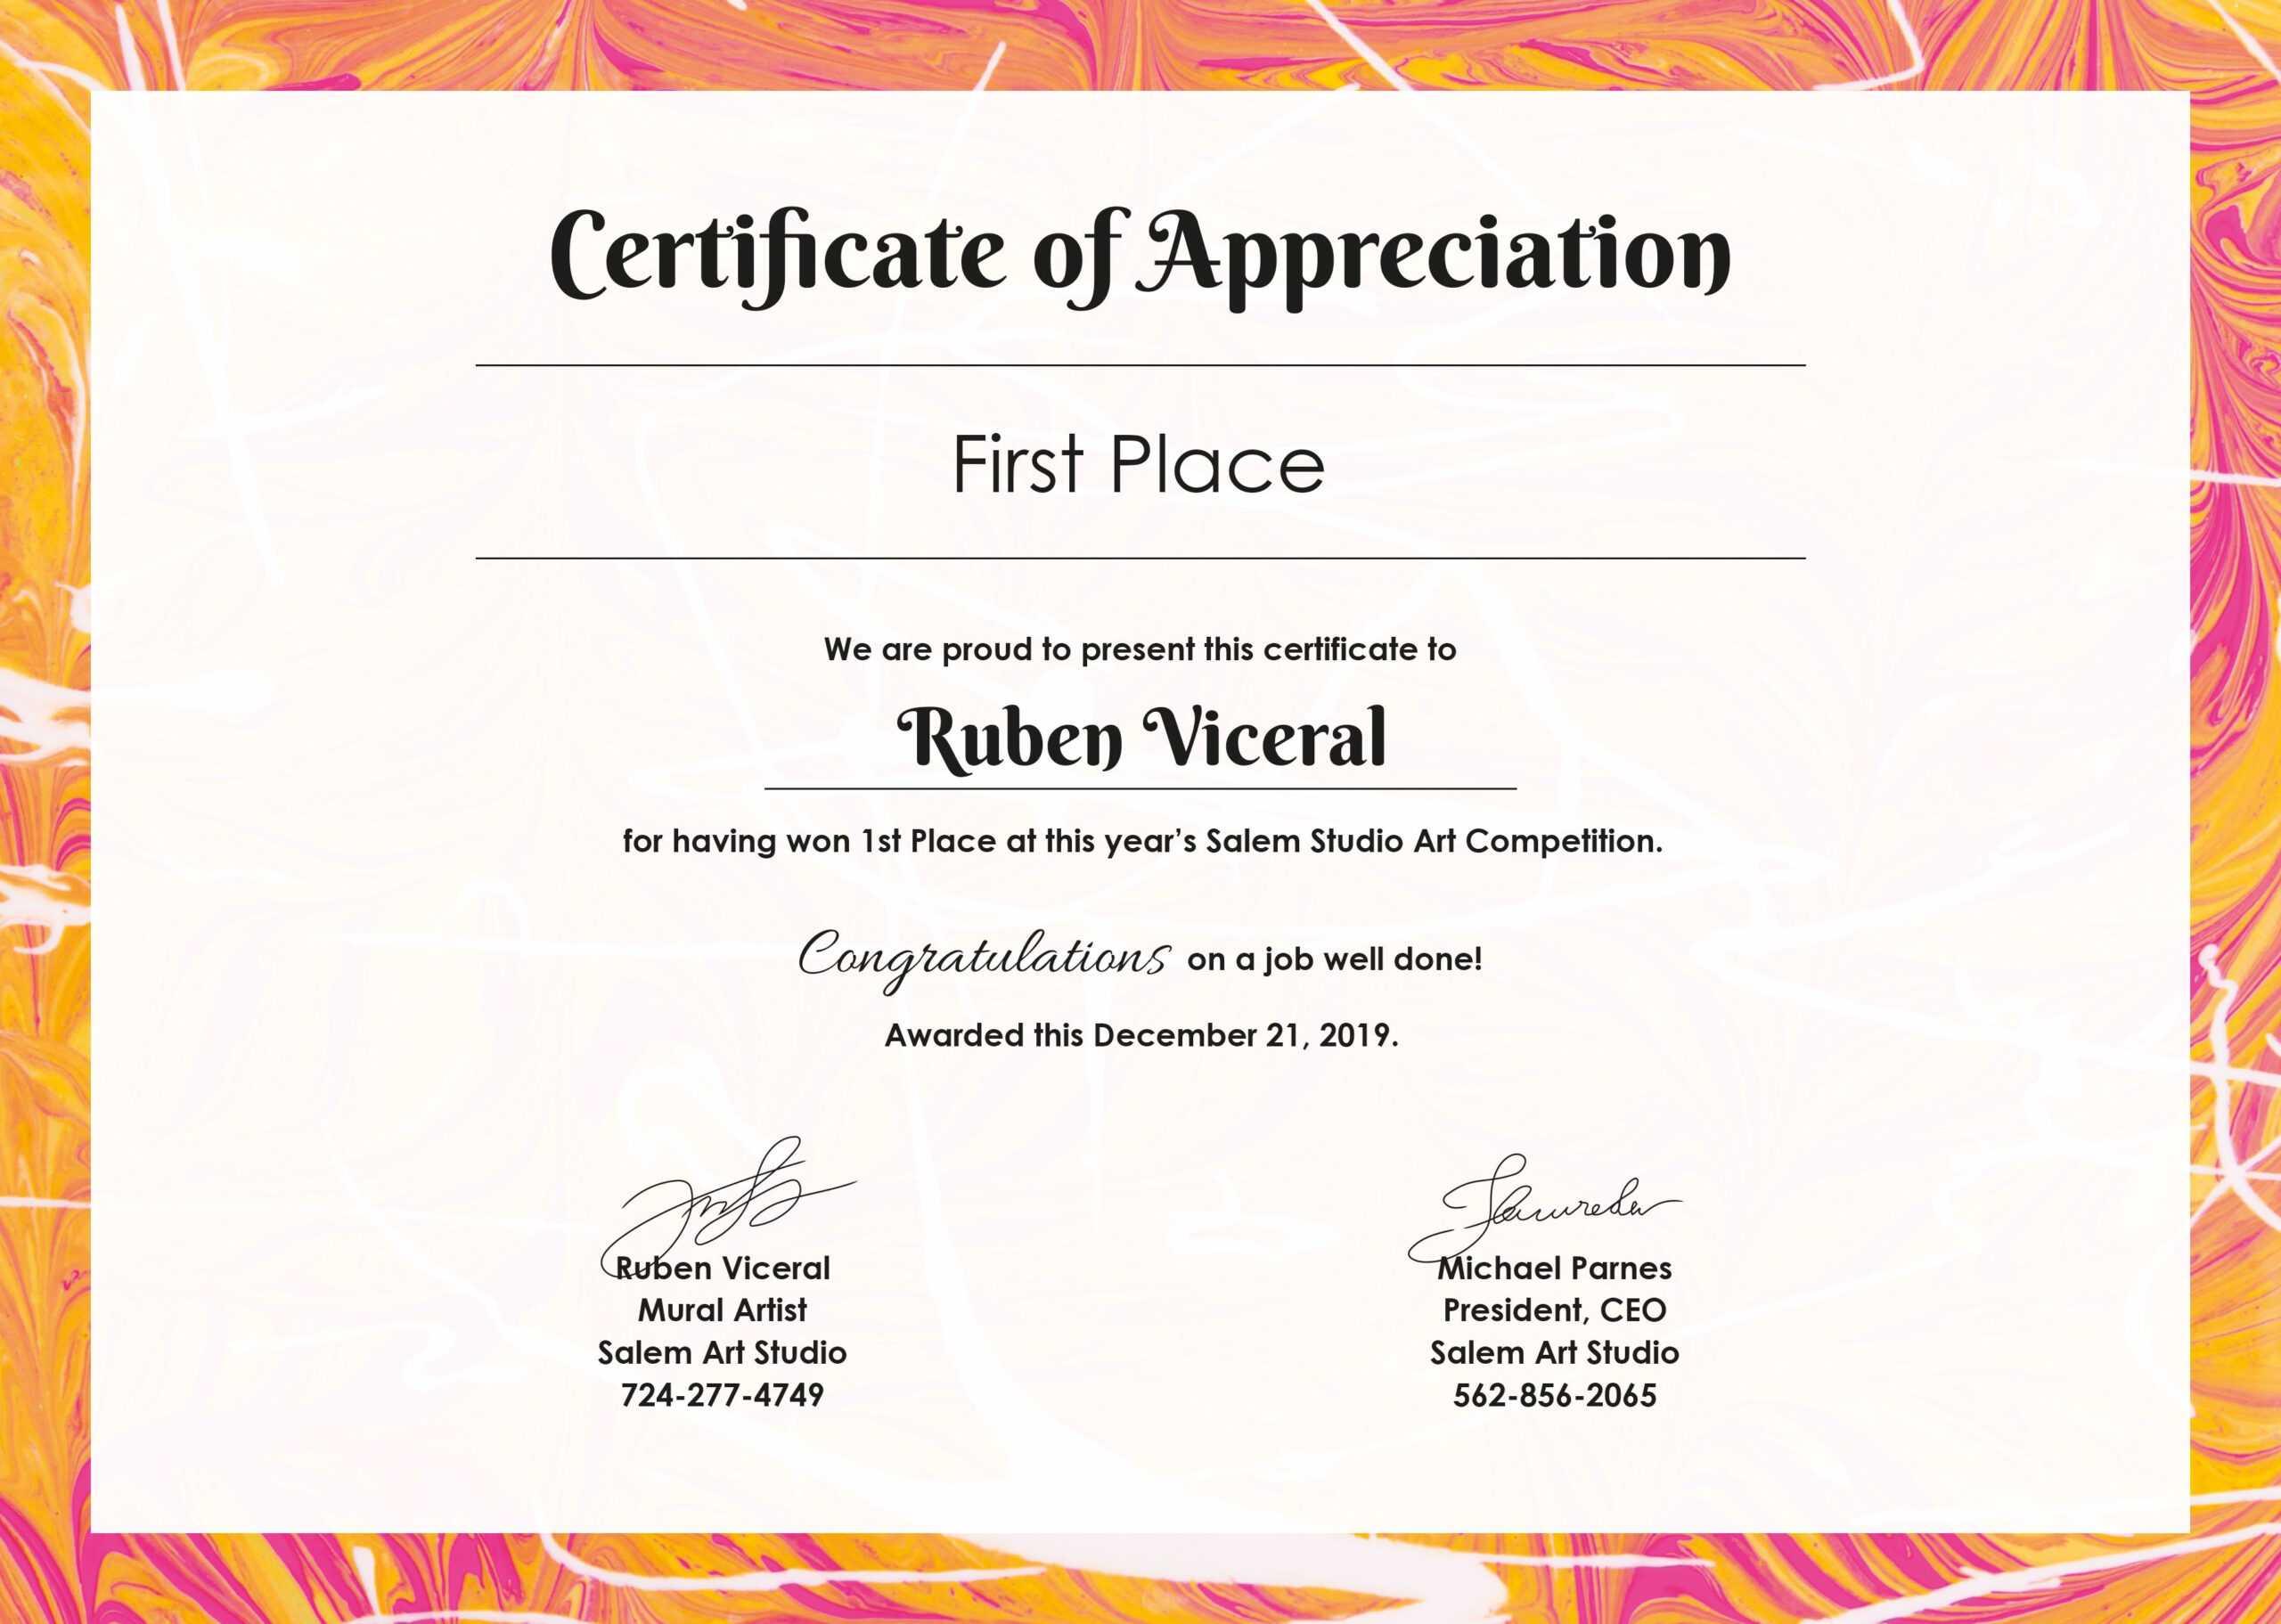 Free Appreciation Certificate | Certificate Of Appreciation for Free Art Certificate Templates